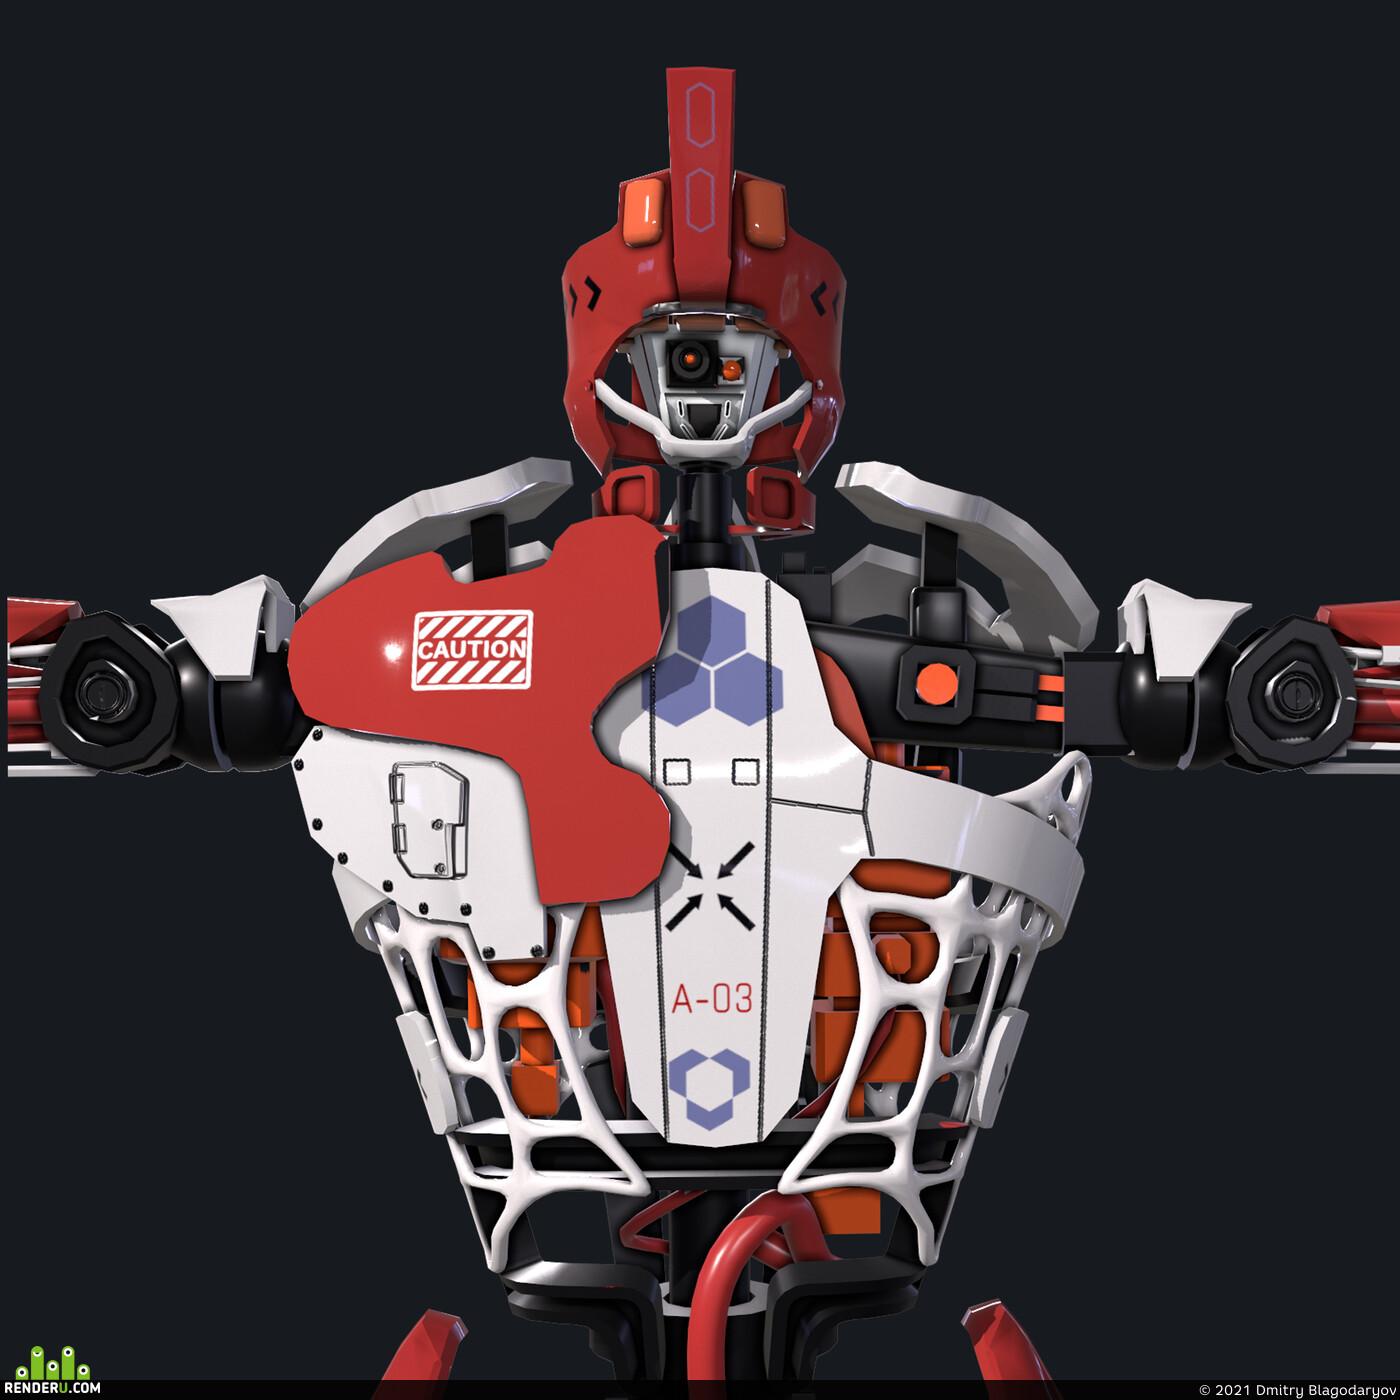 робот, Андроид, киборг, мех, хардсурфейс, hardsurfaces, lowpoly, лоуполи, Game-ready, real time render